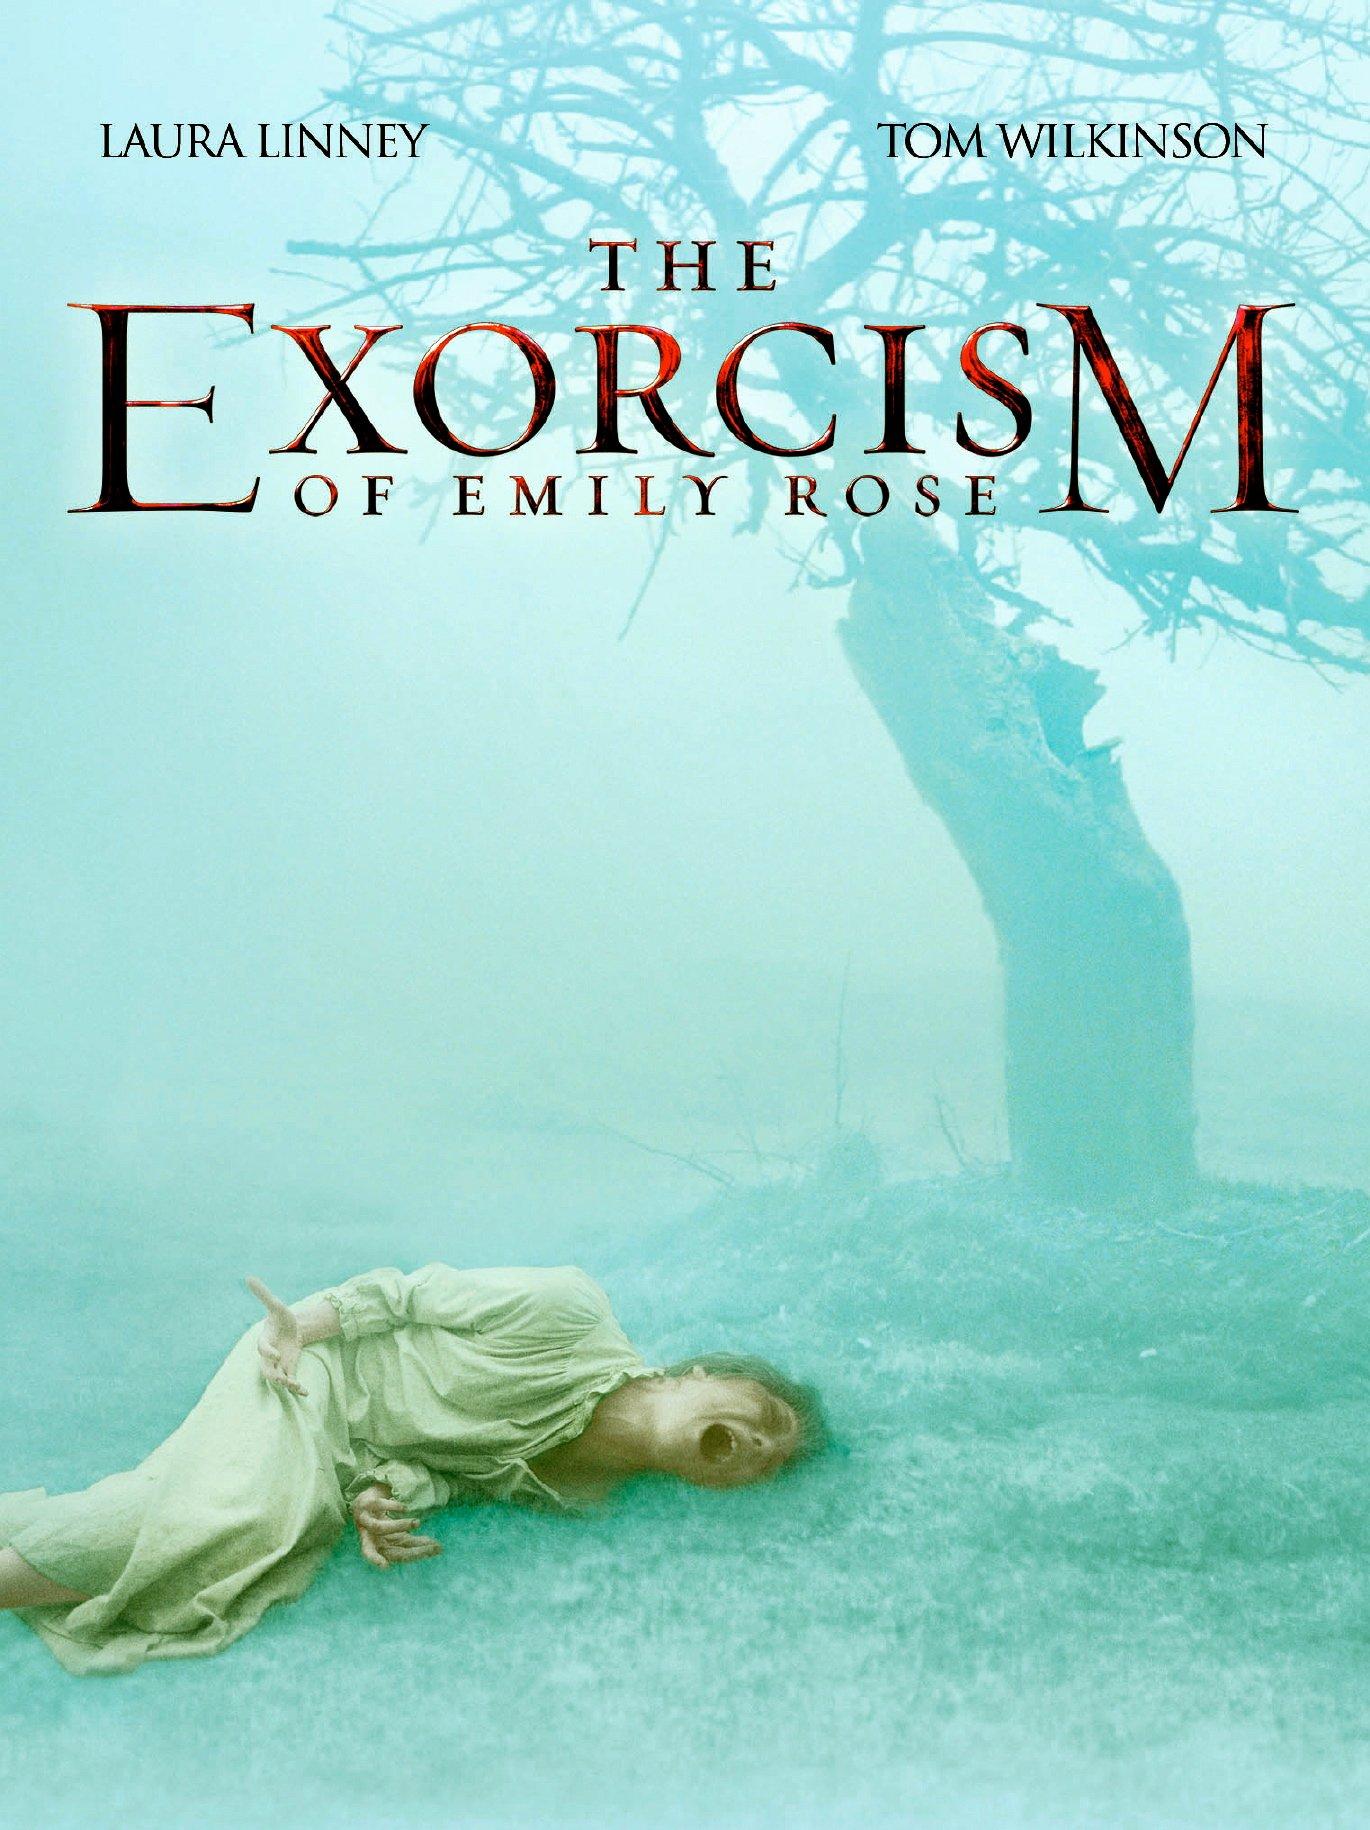 ეშმაკის განდევნა ემილი როუზისგან / The Exorcism of Emily Rose